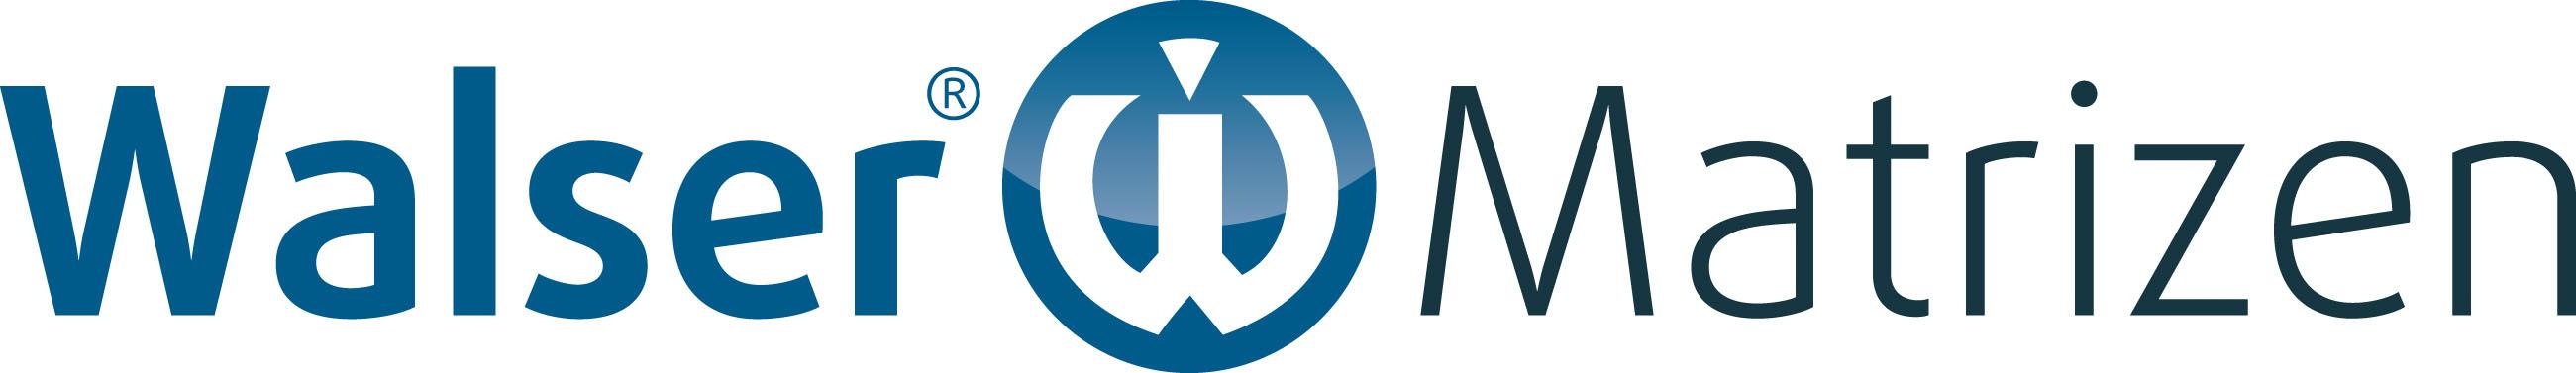 Logo mit Warenzeichen Teilmatrizensystem